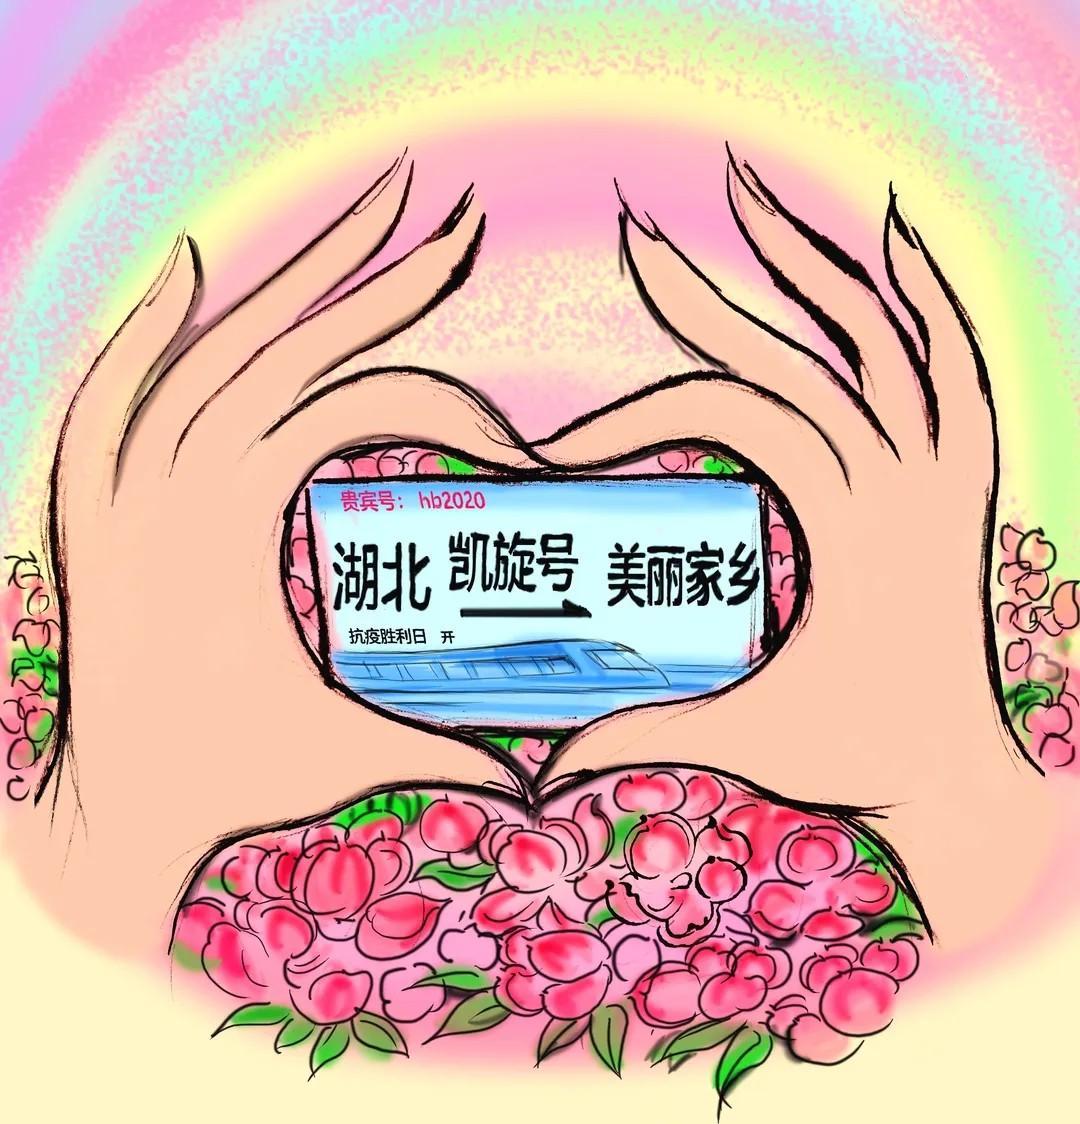 《凯旋号》作者:杨濡豪